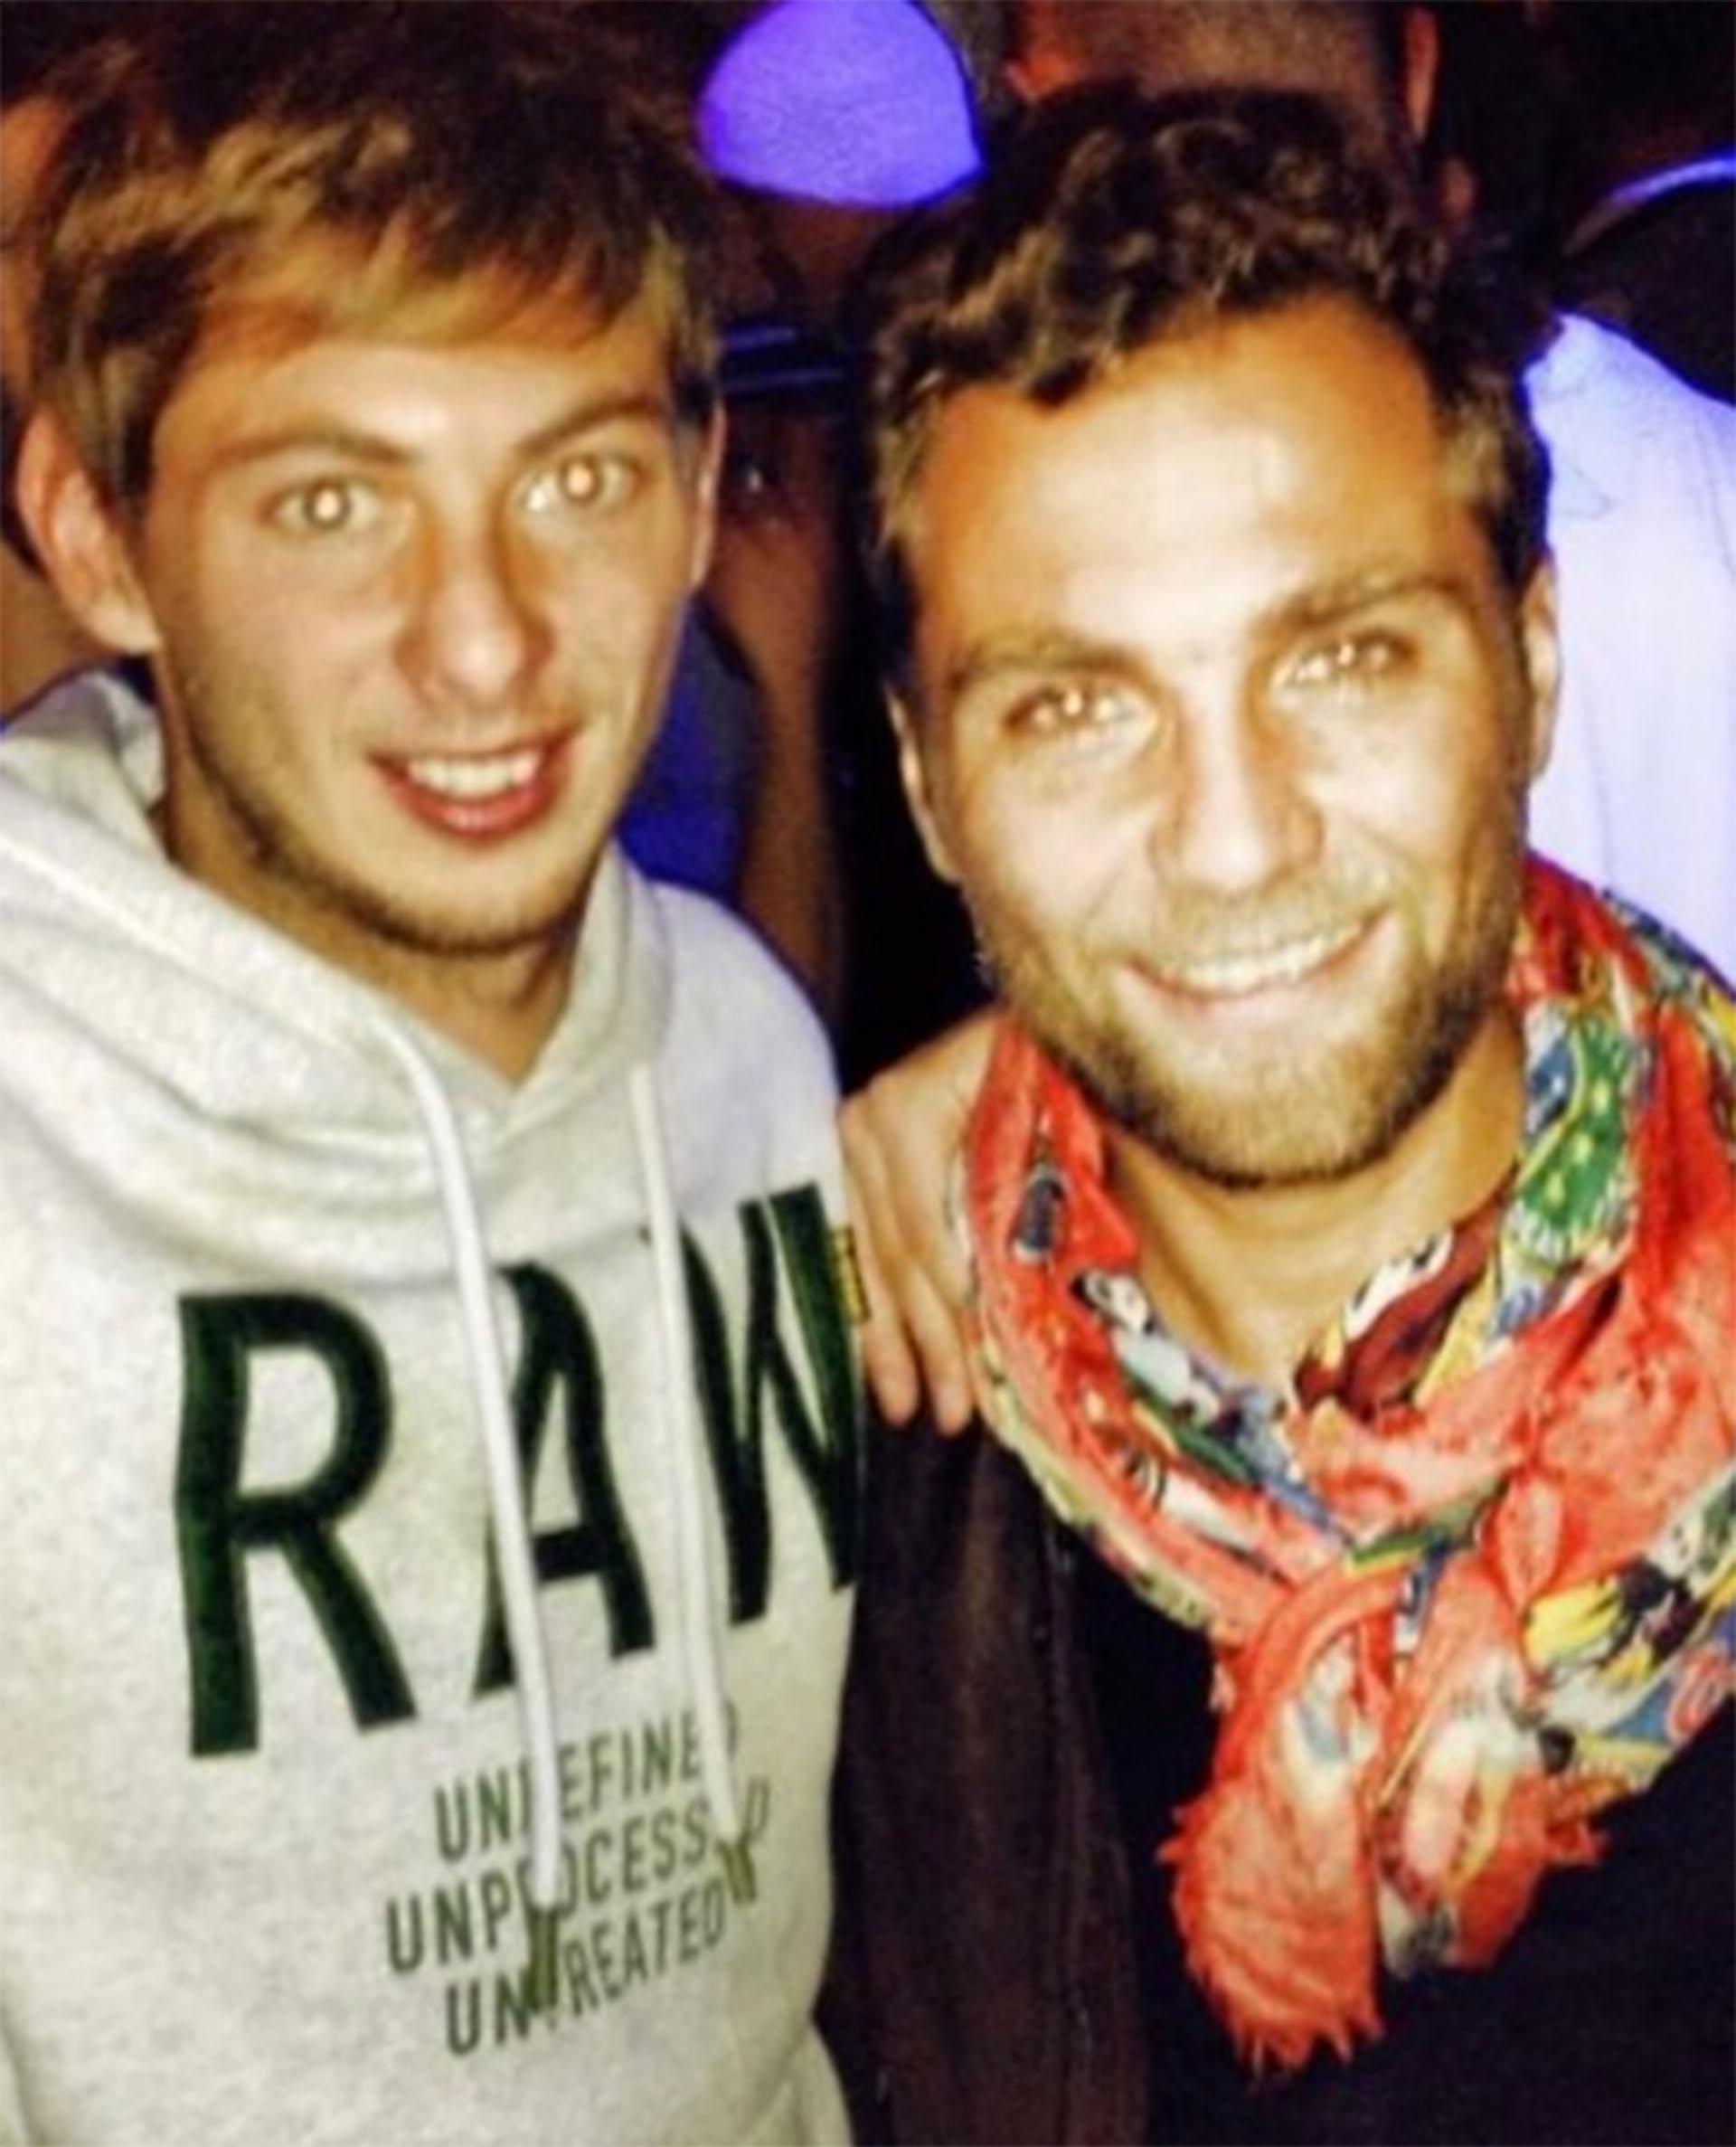 Emiliano y Nicolás juntos: es la imagen que compartió Higuaín en Instagram durante su búsqueda